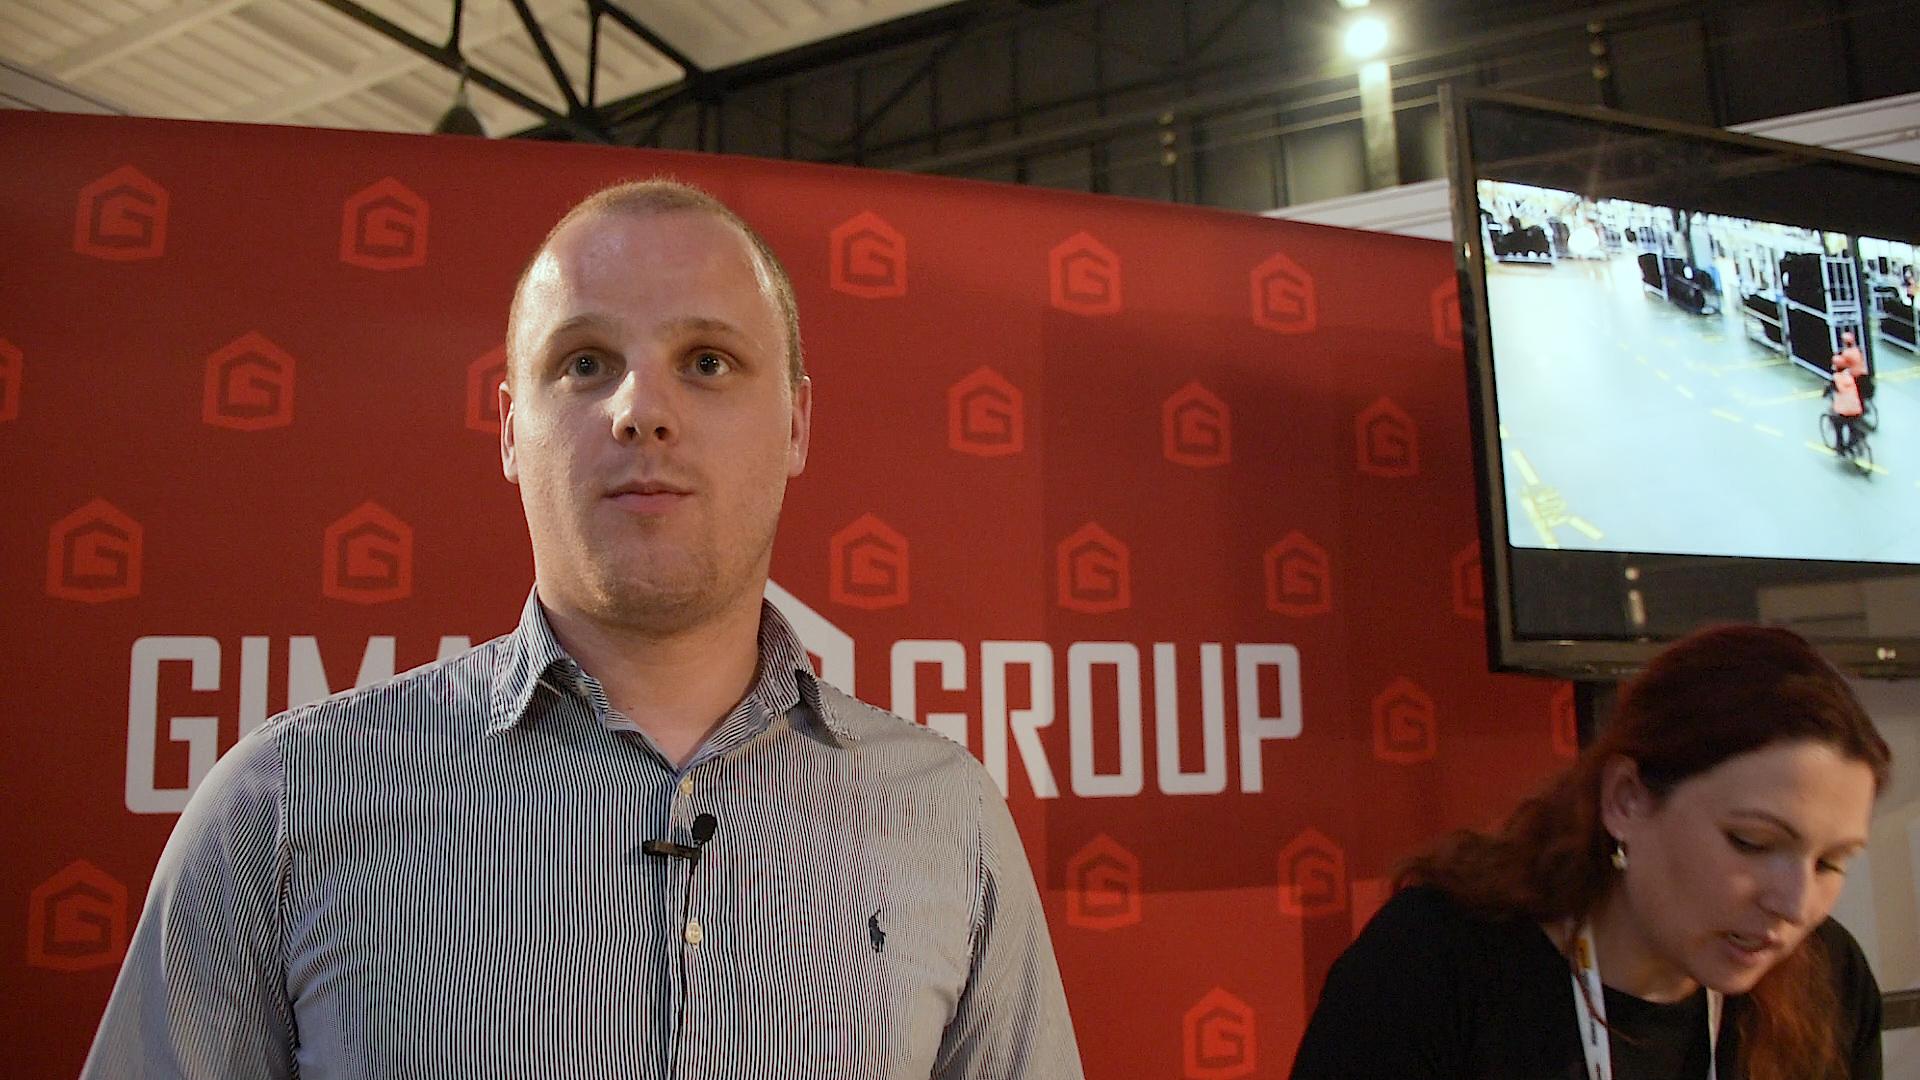 Titulný obrázok k video odporúčaniu z profesia Days 2018 v Žiline od Gimax Group